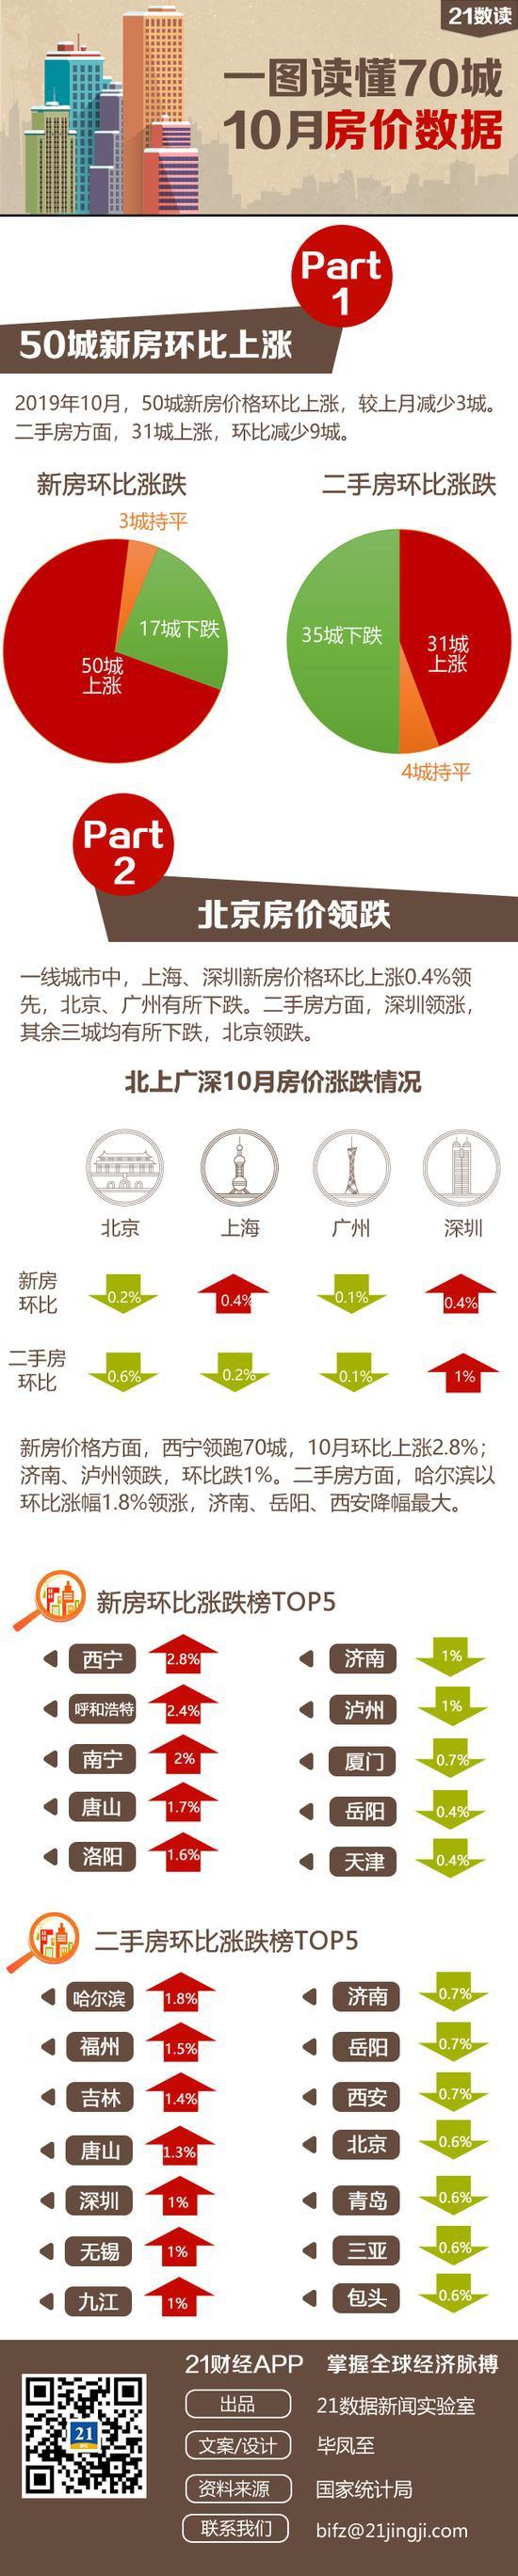 澳门巴黎人娱乐在线,2023年中国电竞及周边市场规模将超过4000亿